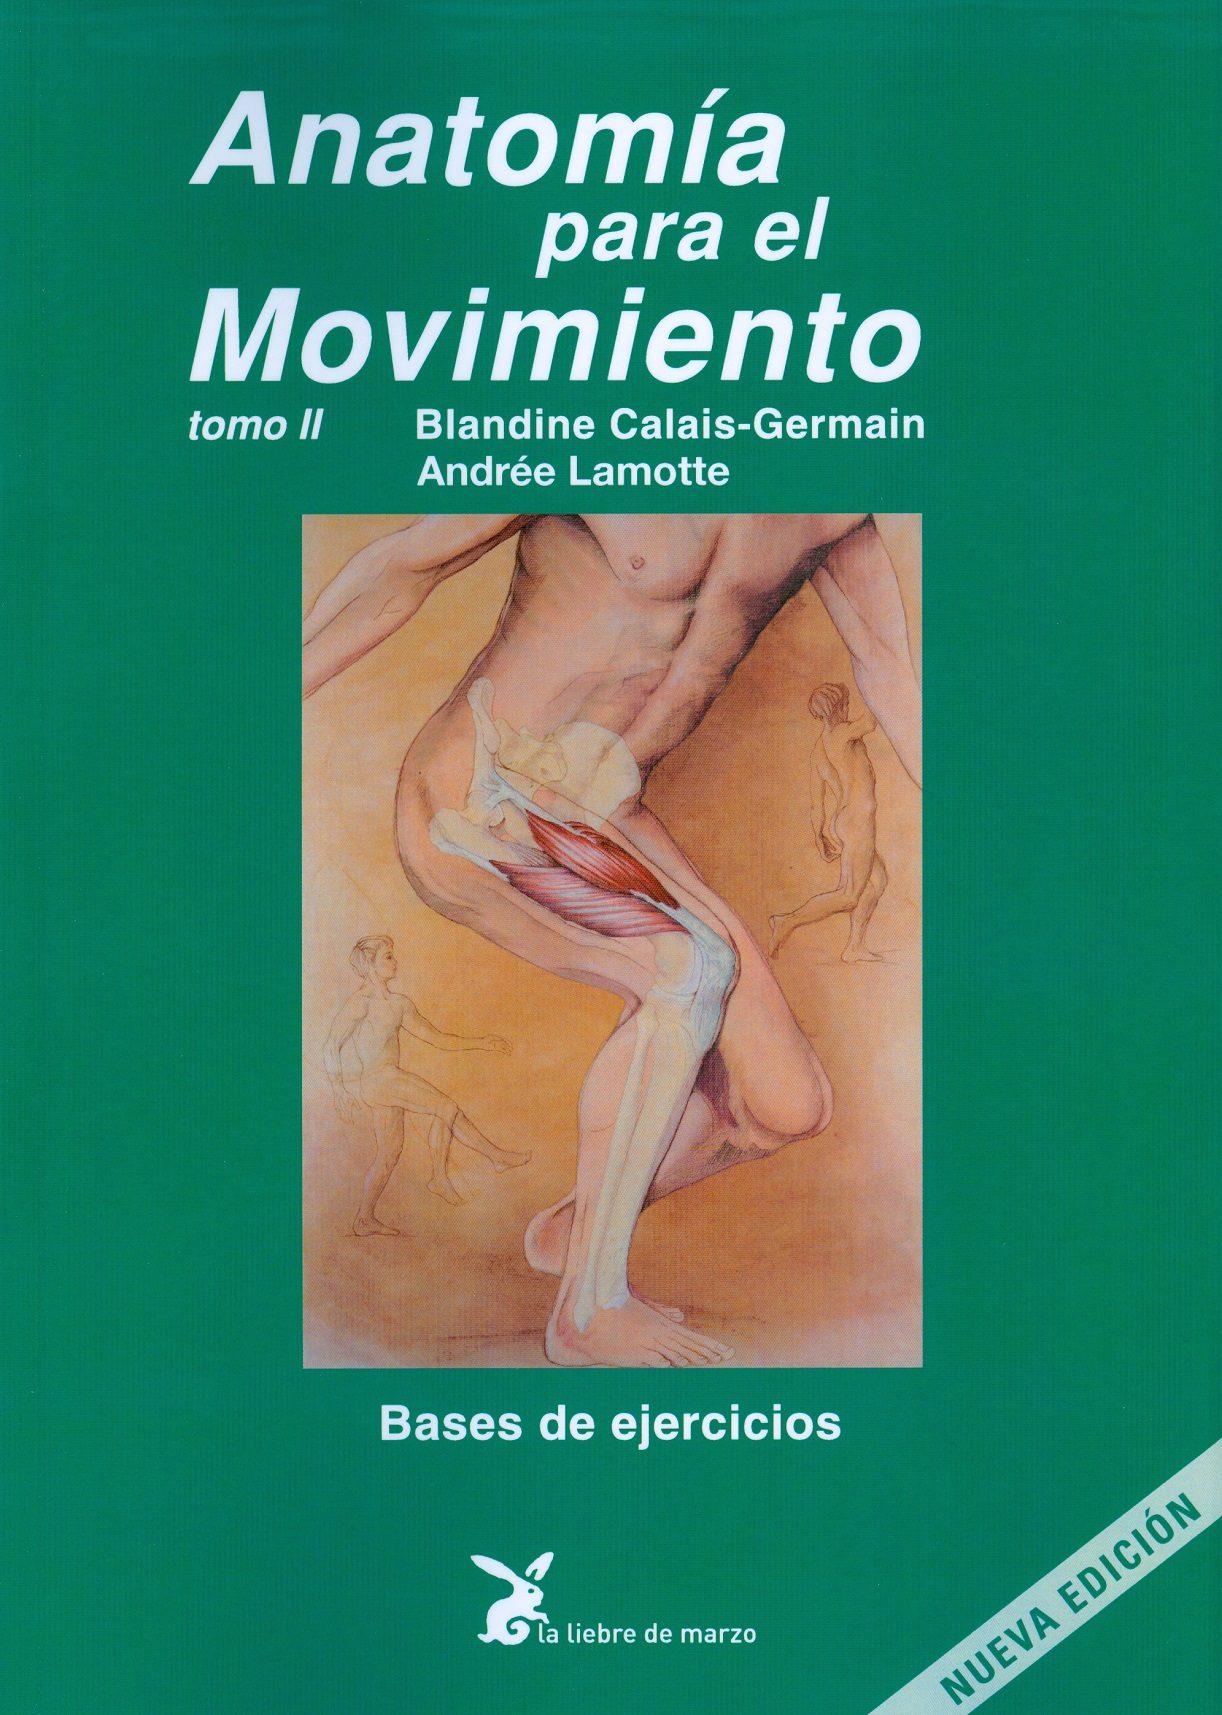 Hermosa Ejercicios De Etiquetado Anatomía Patrón - Imágenes de ...